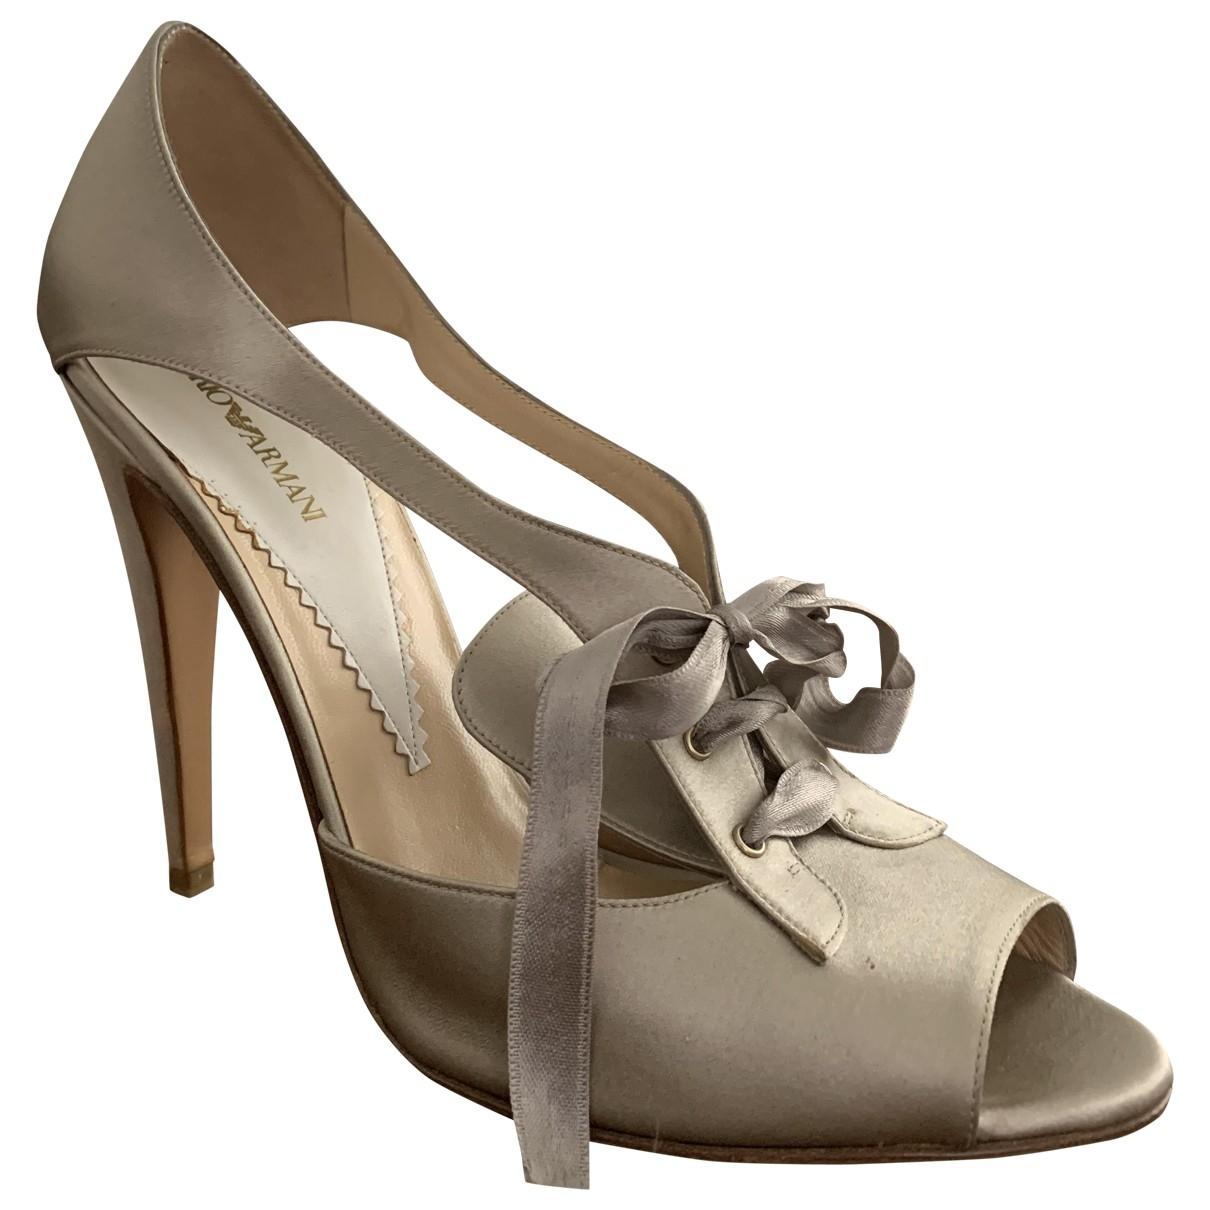 Emporio Armani - Sandales   pour femme en cuir - beige